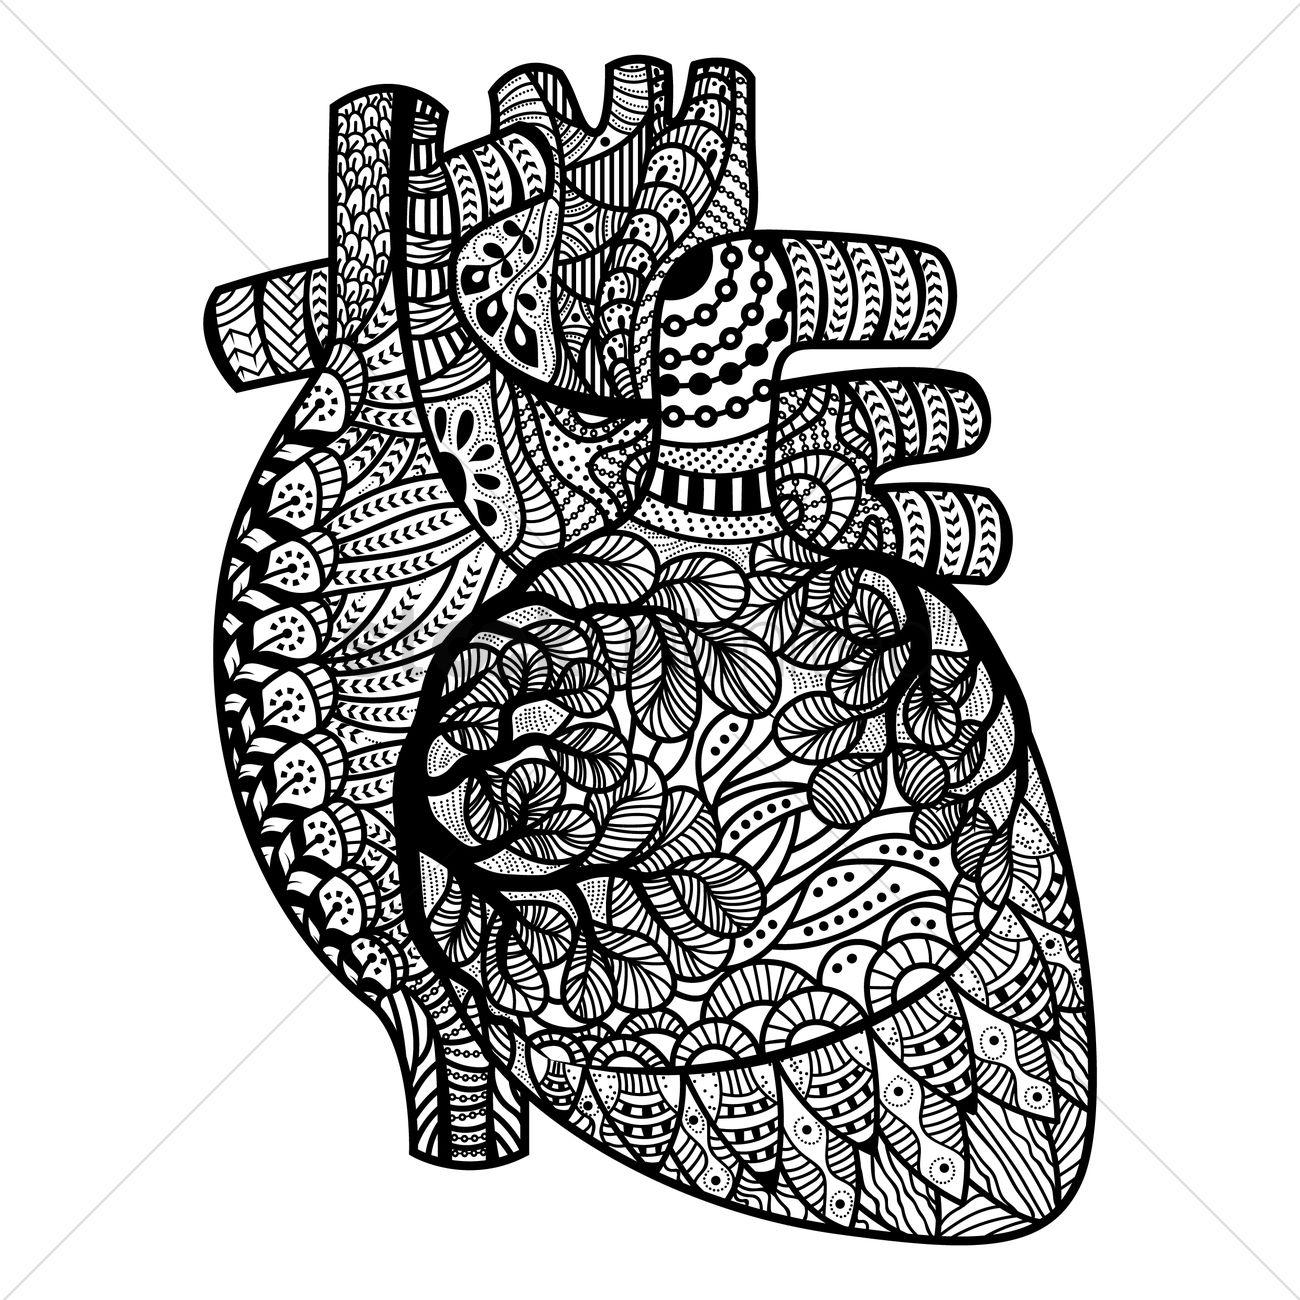 Heart Line Art Design : Intricate human heart design vector image